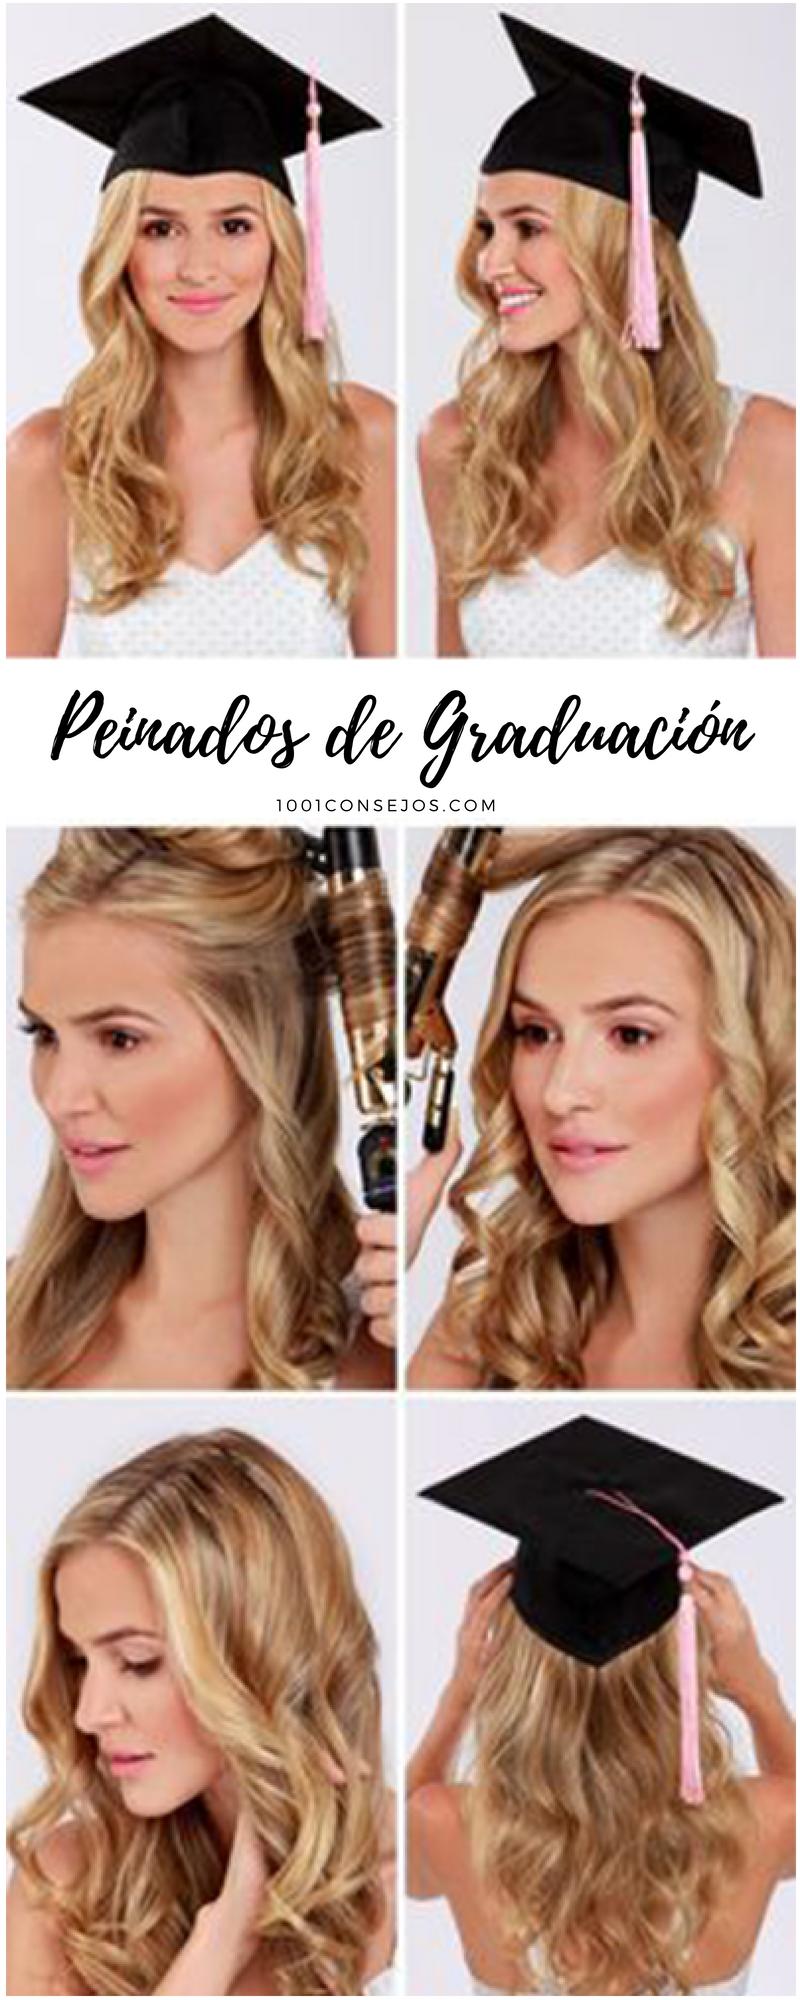 9b18942e4 Luce perfecta en el día de tu graduación con estos peinados.